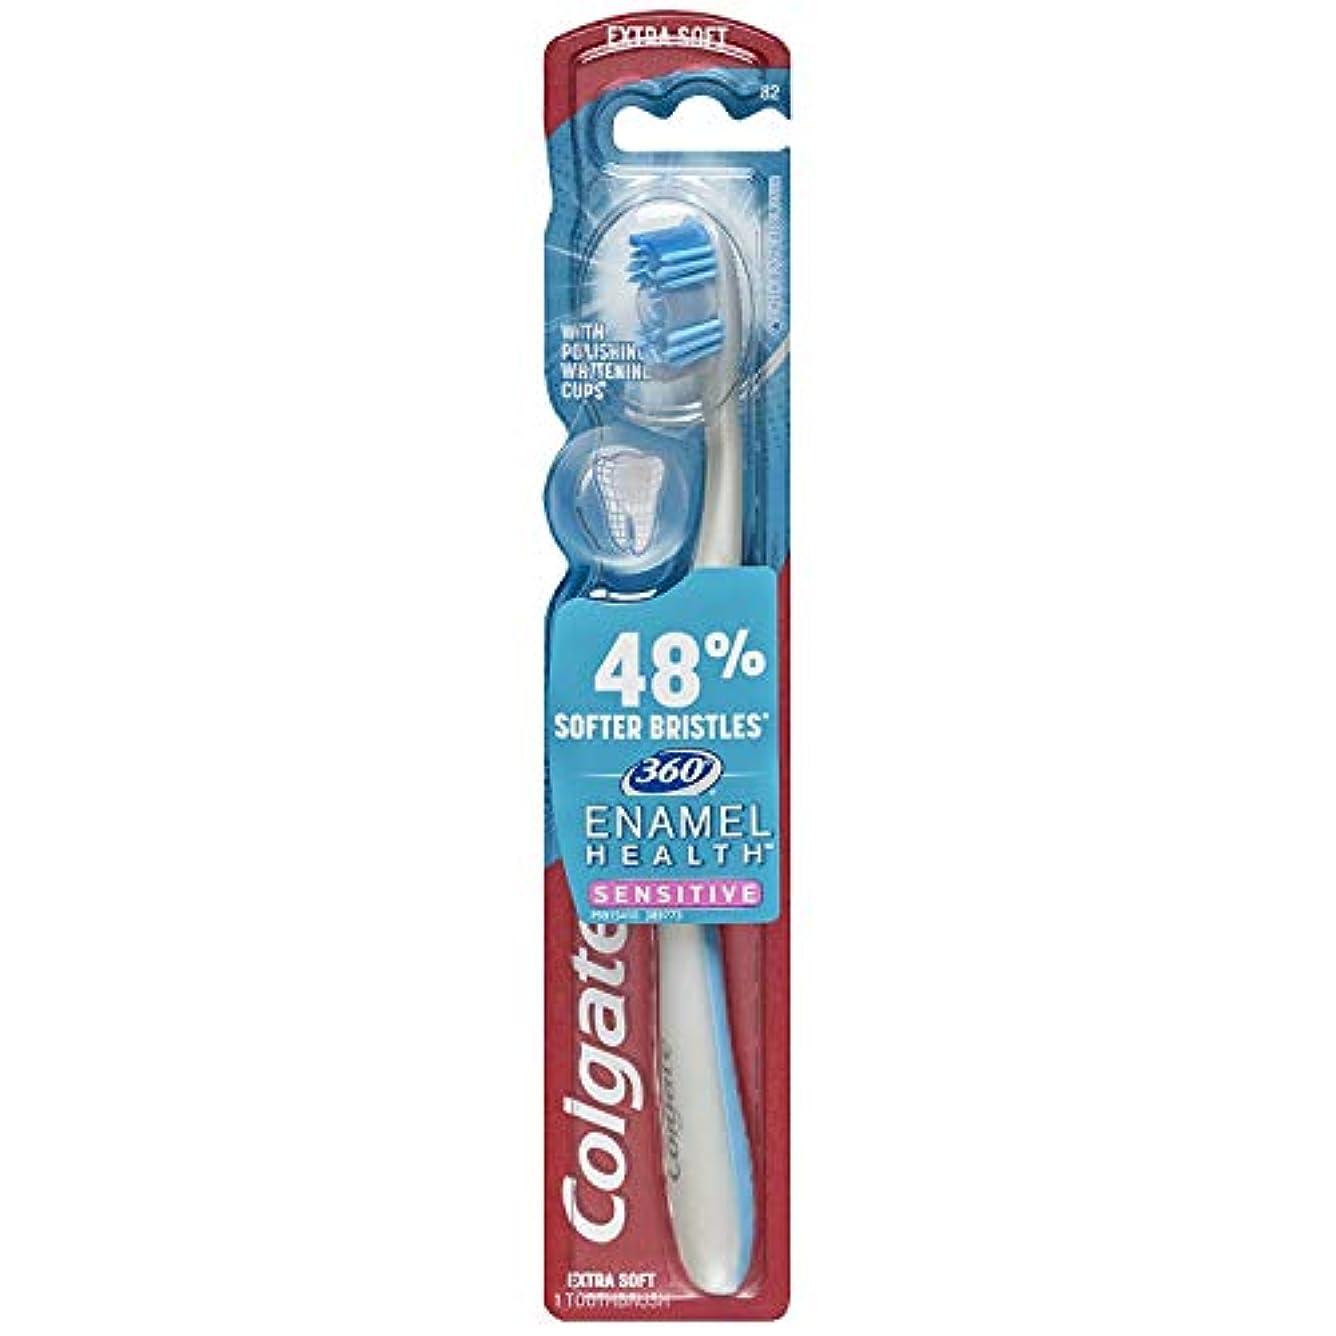 シダ出口トランジスタColgate 360エナメル健康に敏感なエクストラソフト歯ブラシ(2パック)